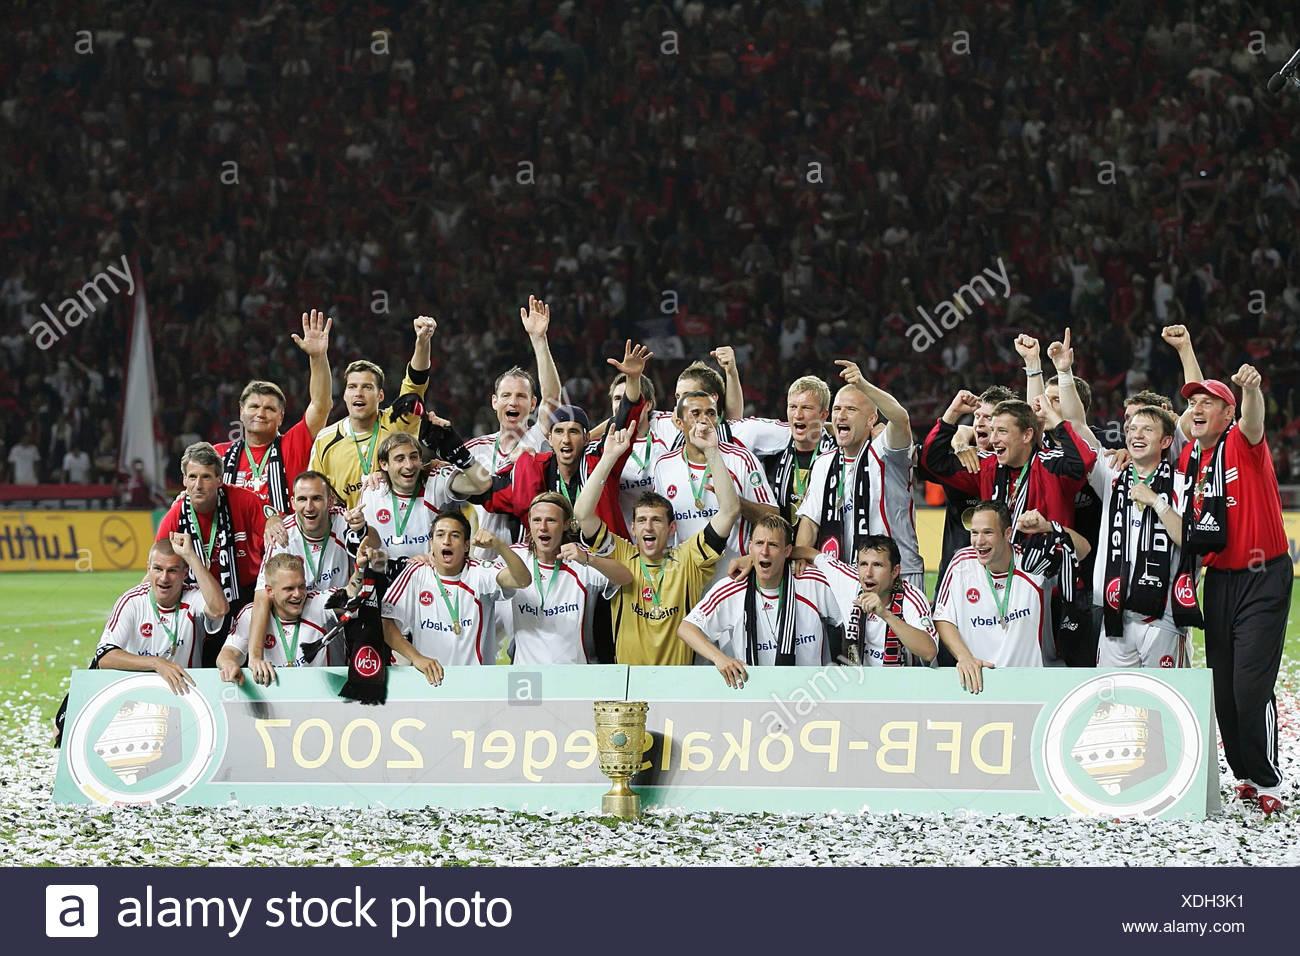 Fußball-Cup-Sieger 2007 - 1.FC Nürnberg Stockbild